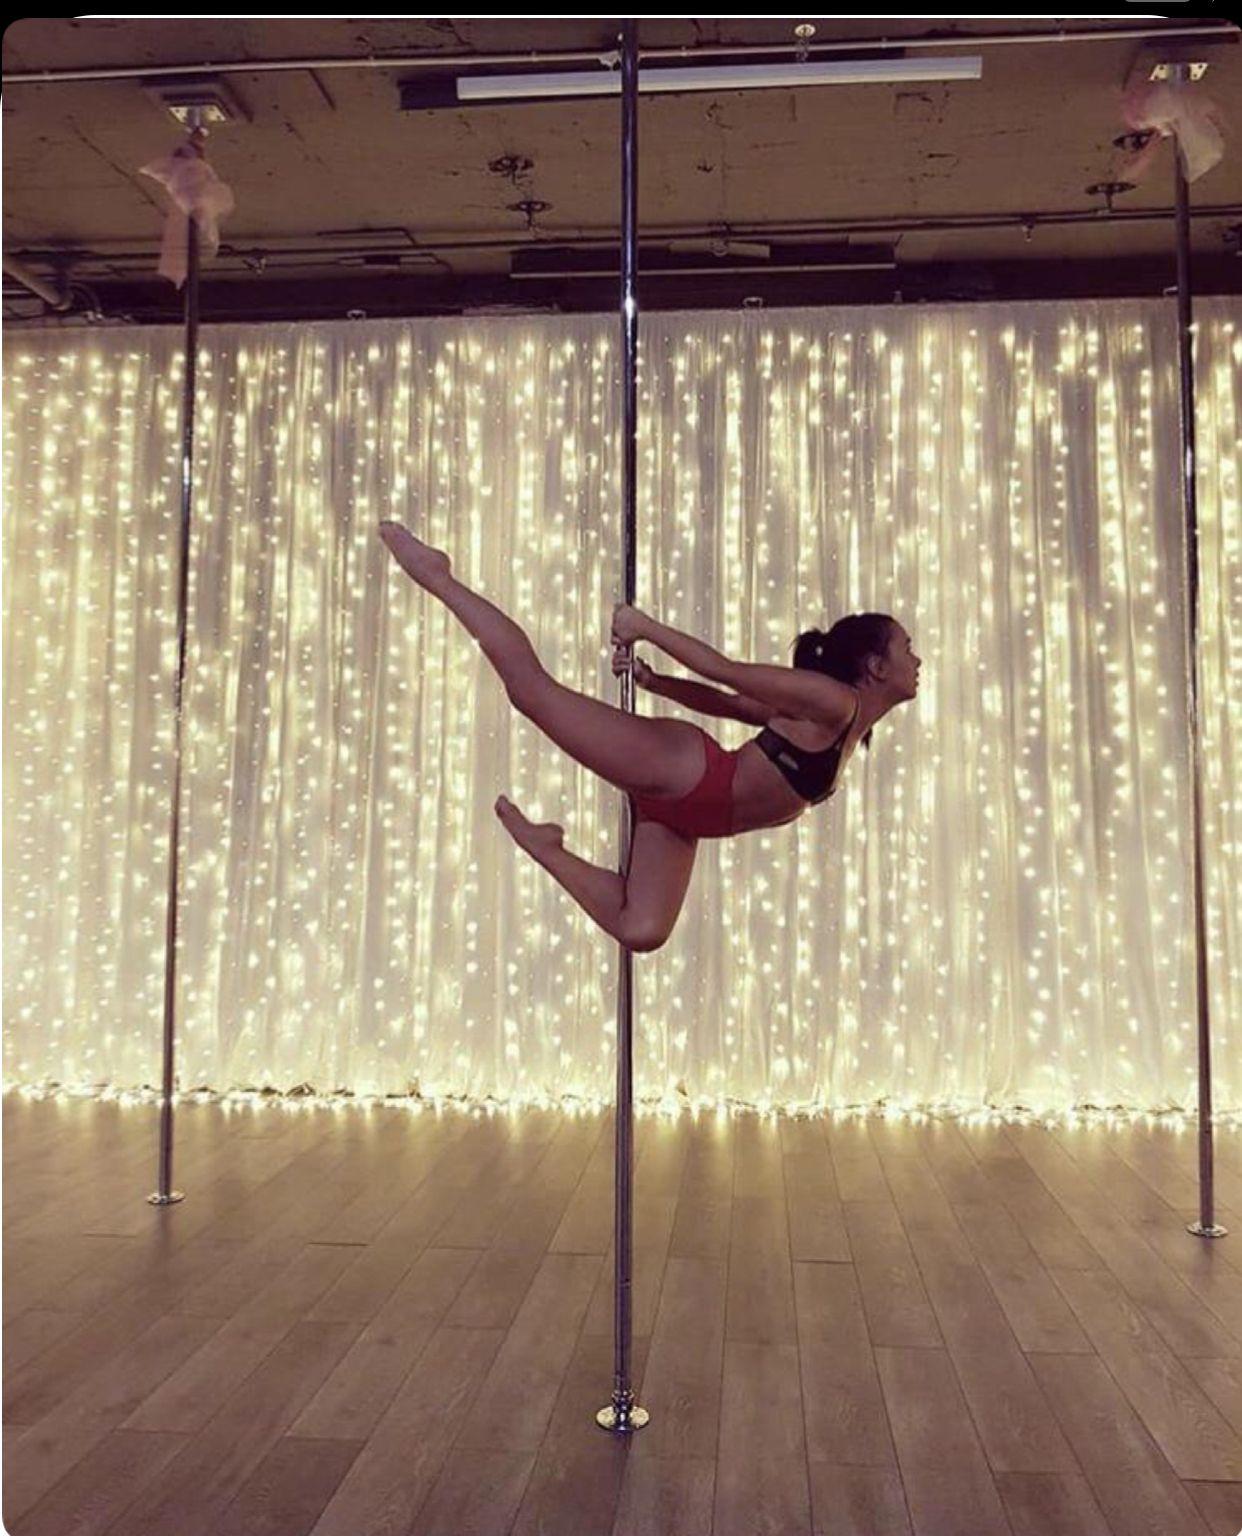 Pin Von Mercedes Pacz Auf Taniec Na Rurze Poledance Pole Dance Sport Bild